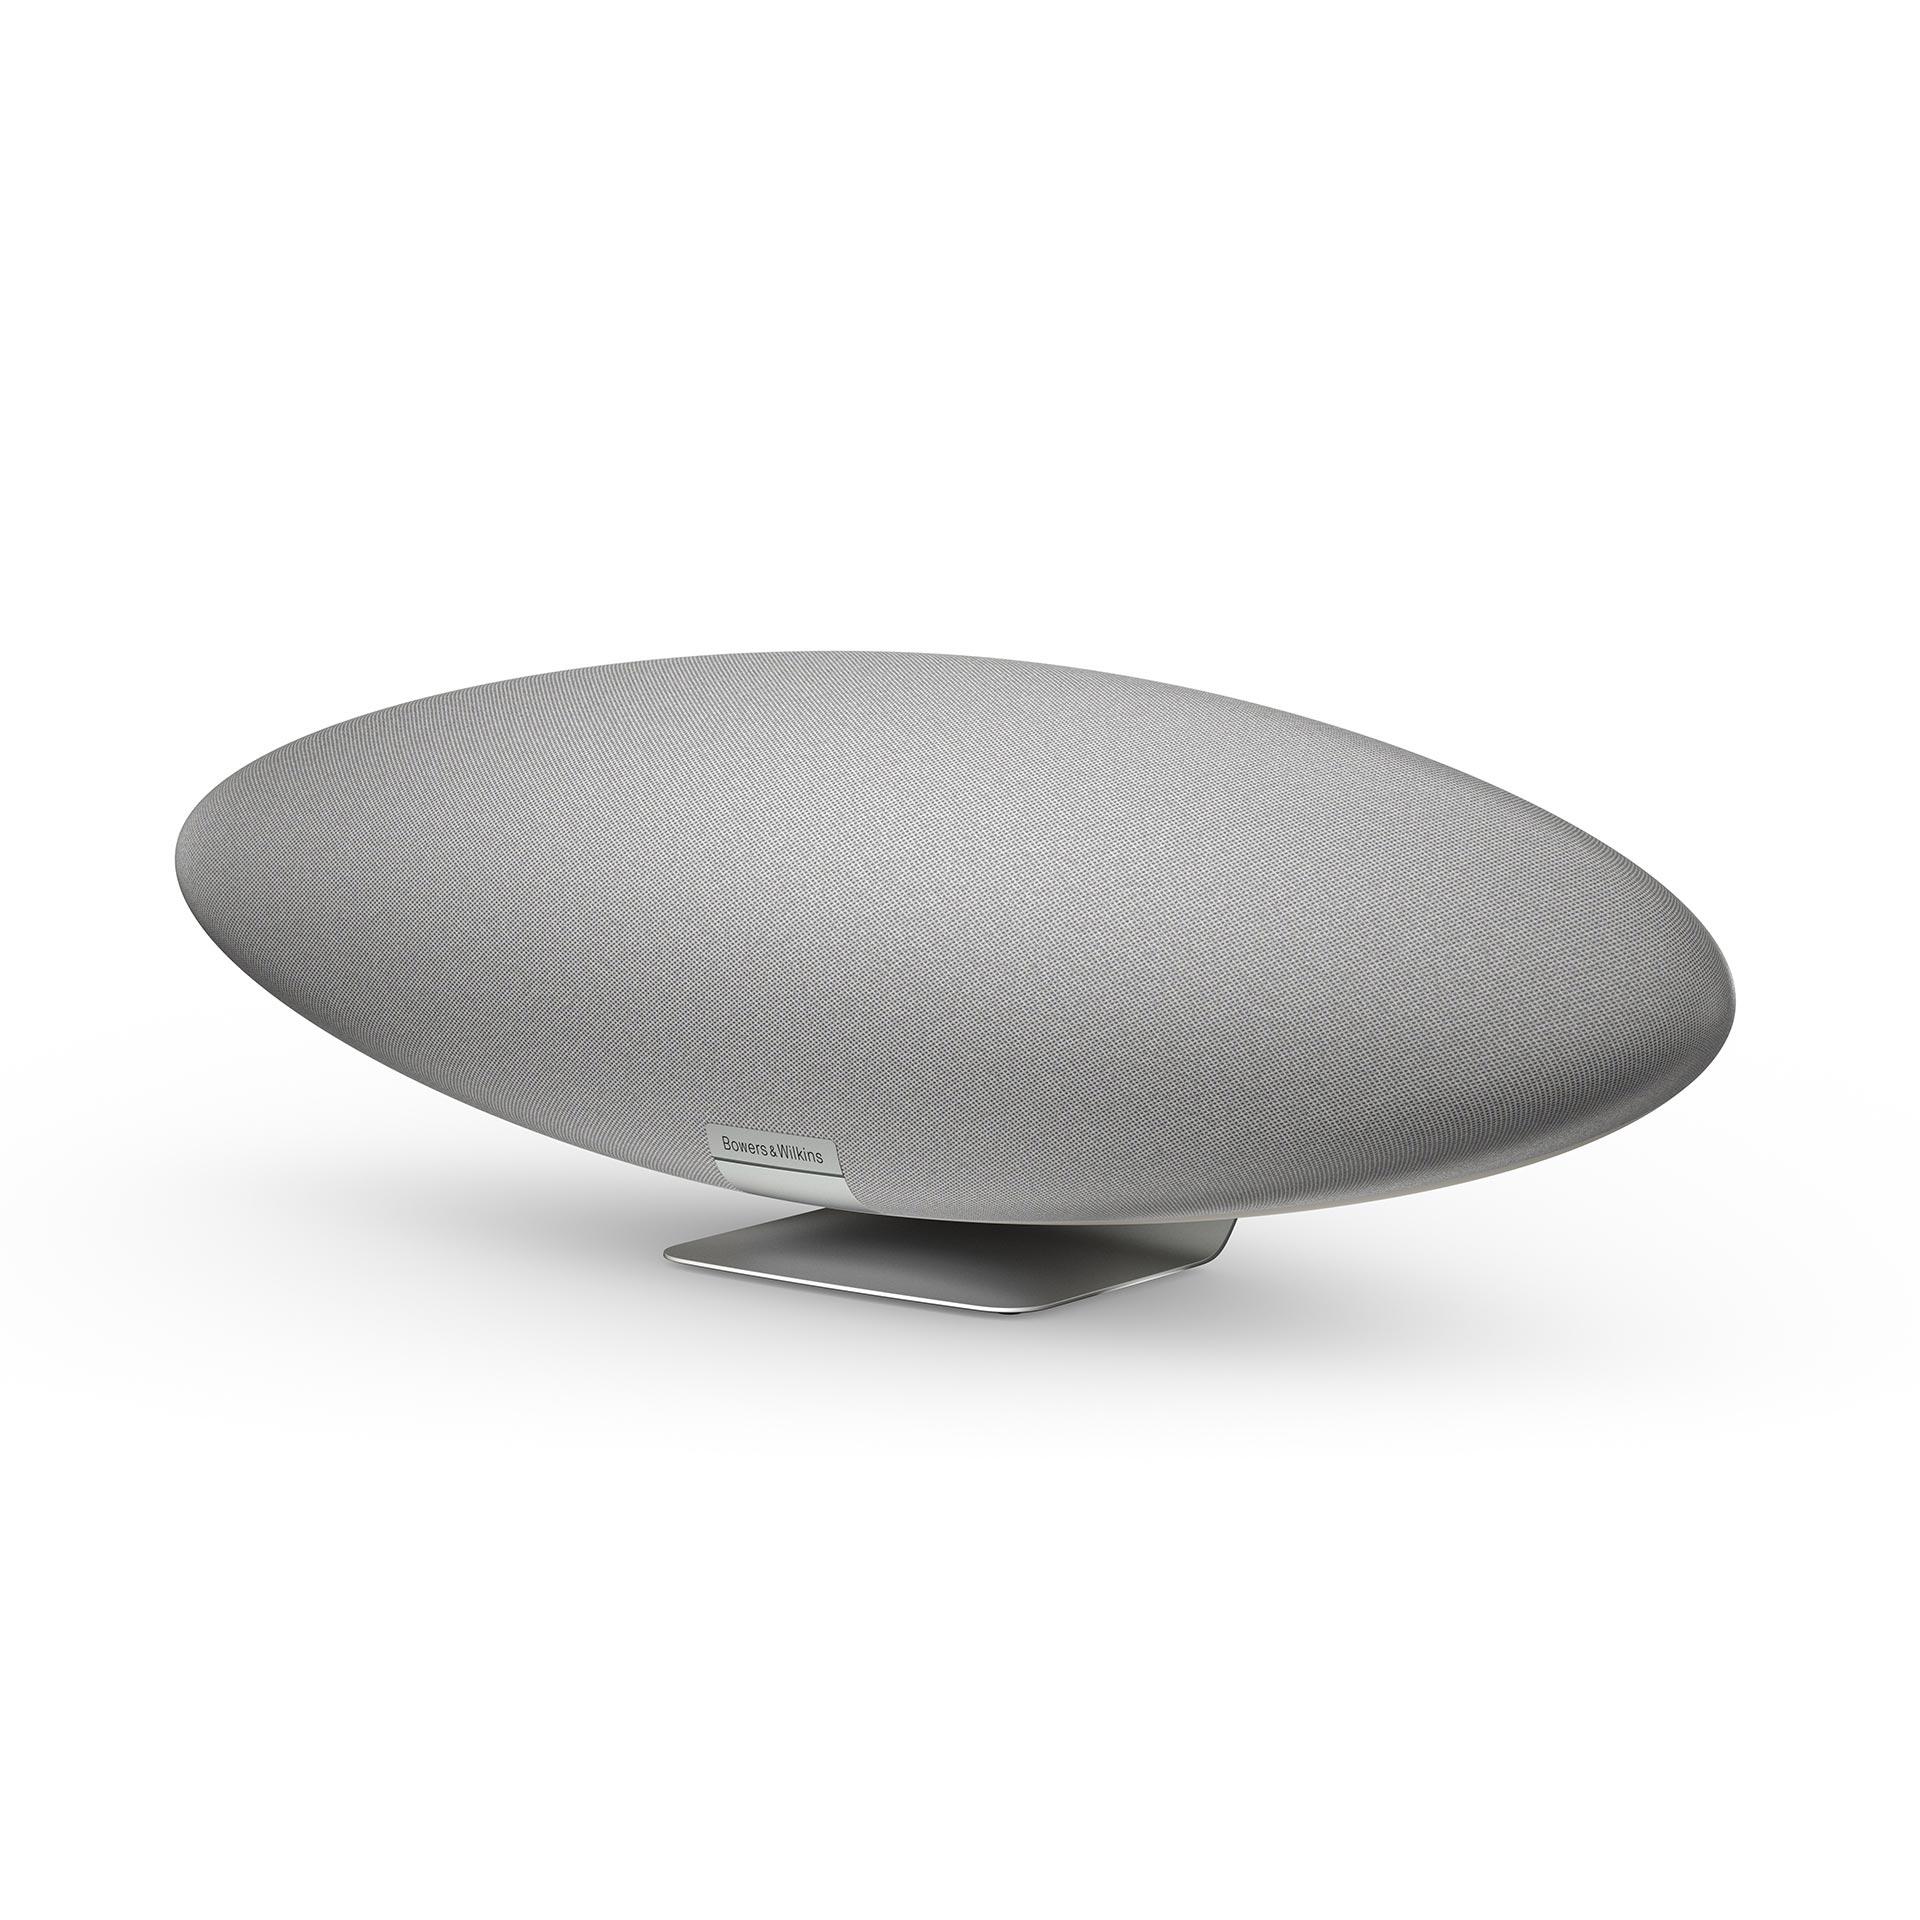 Bowers & Wilkins Zeppelin in pearl gray.